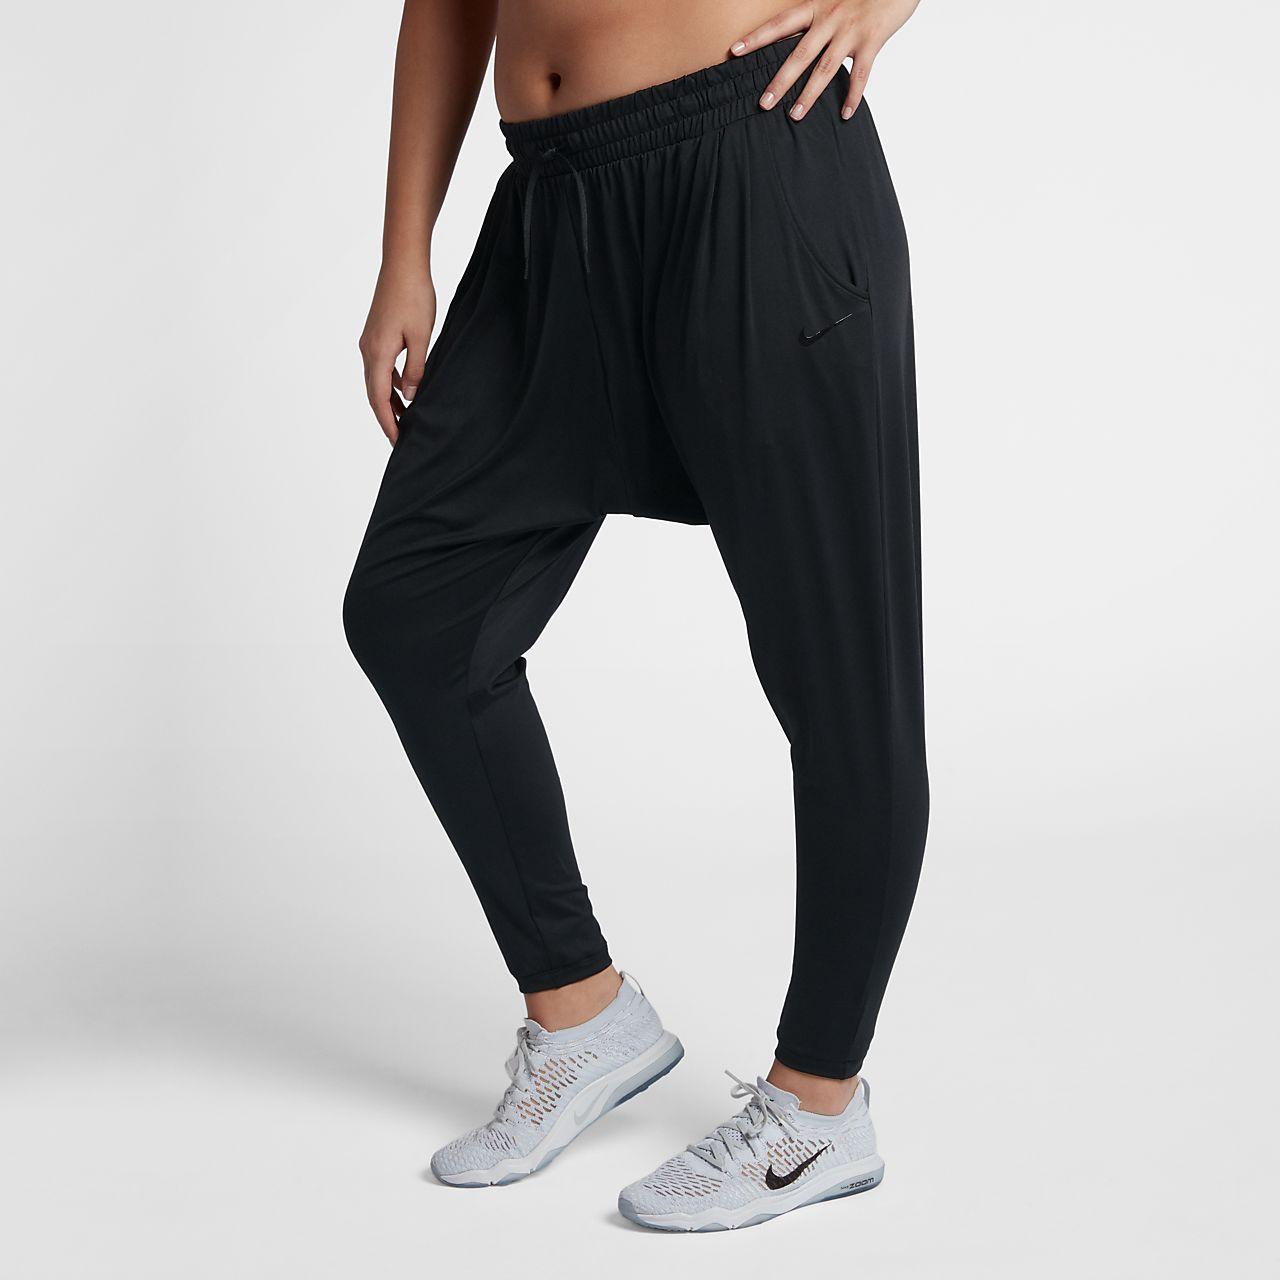 Pantalones de entrenamiento para mujer talla grande Nike Dri-FIT Flow